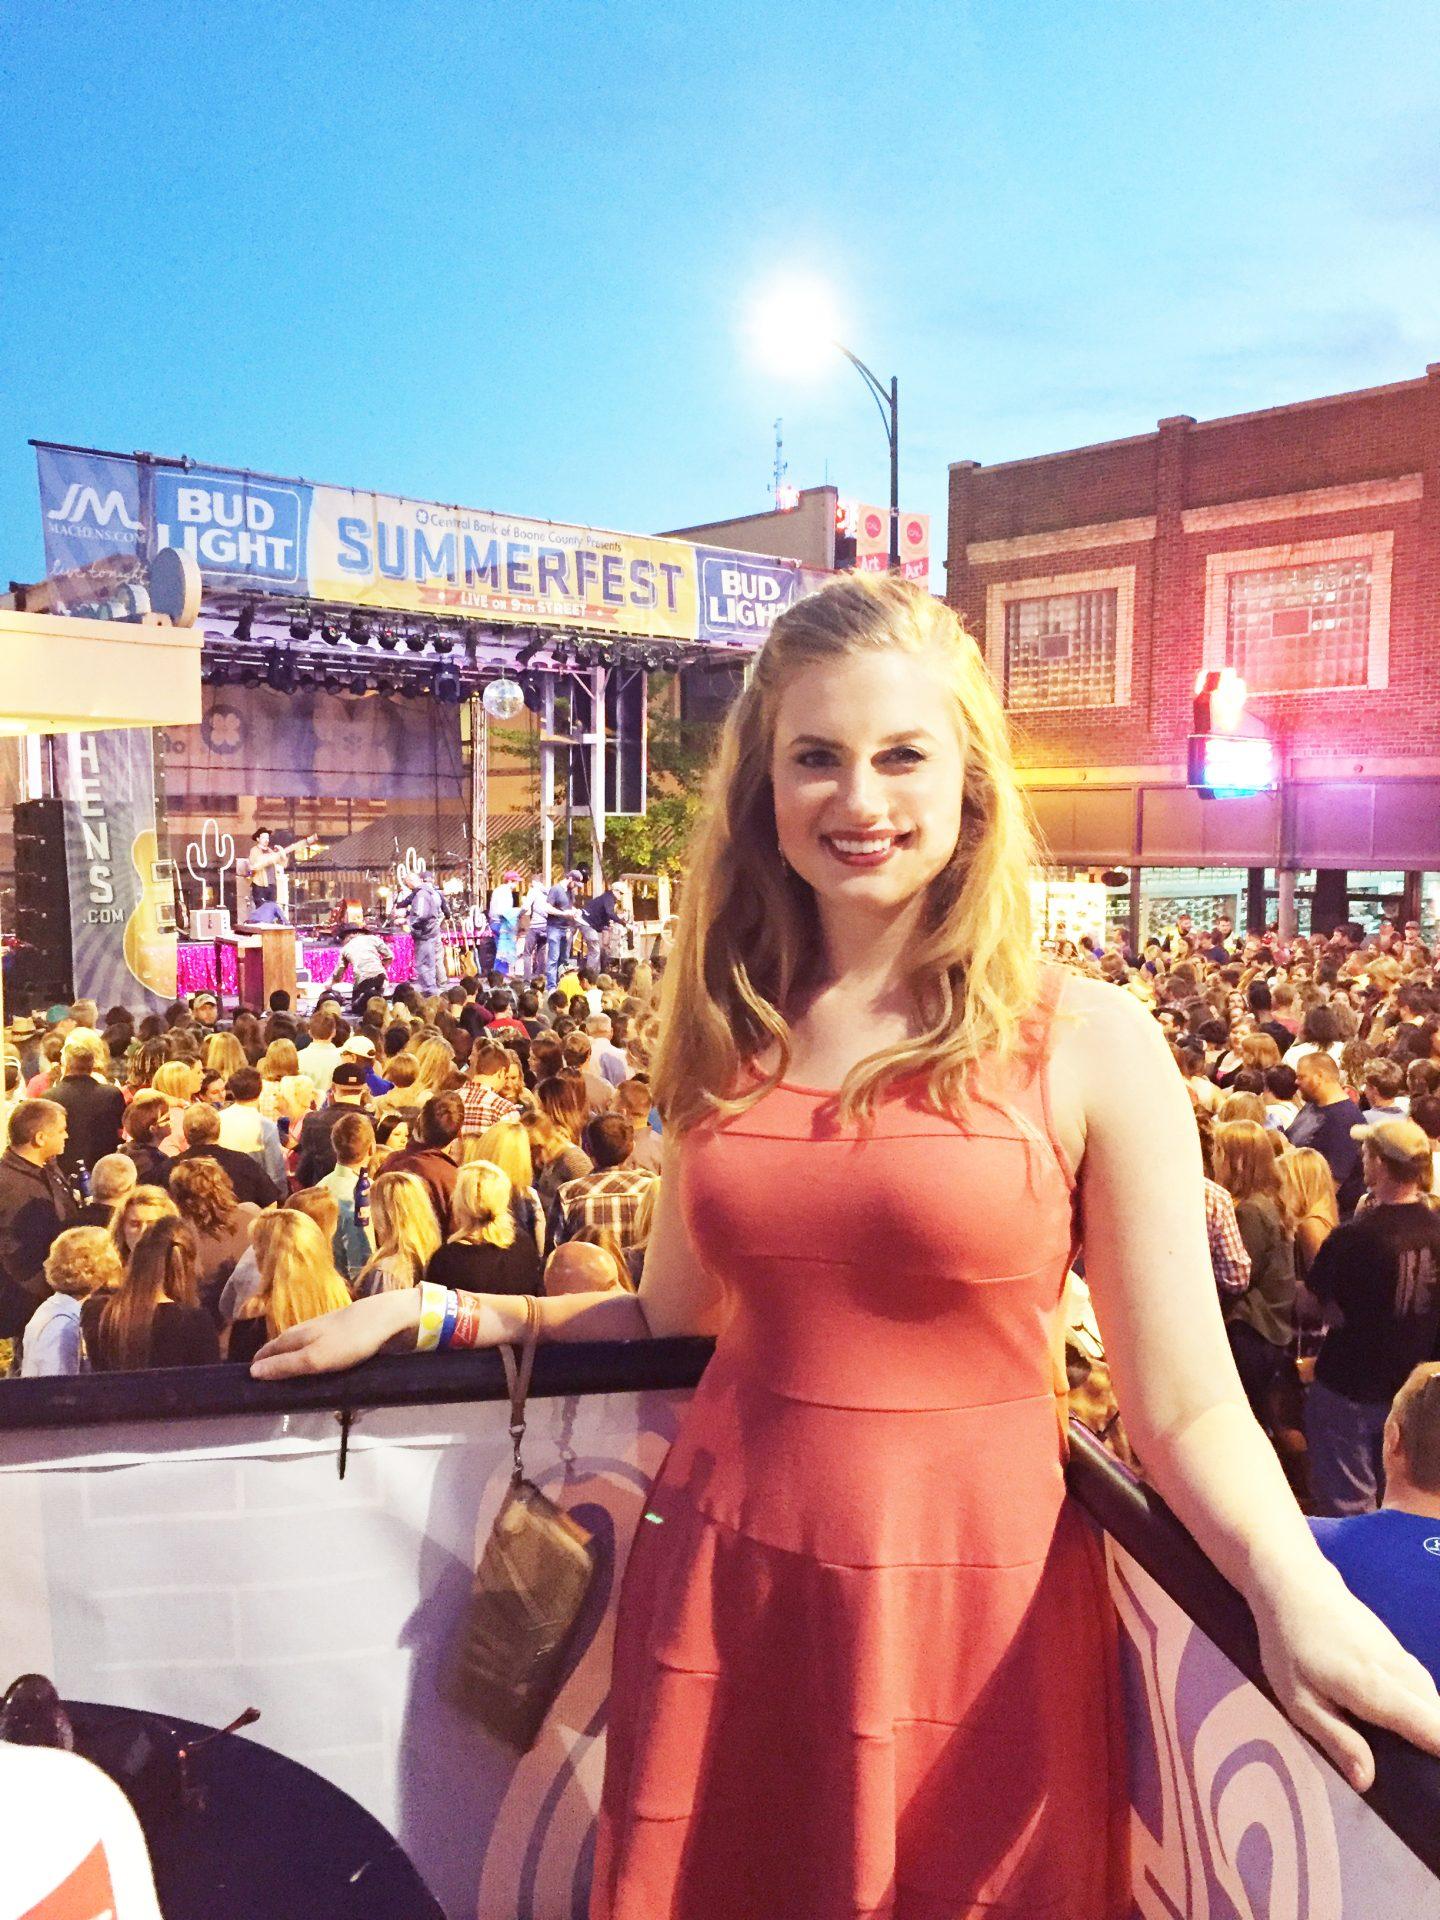 Kacey Musgraves Concert | Columbia, MO Summerfest